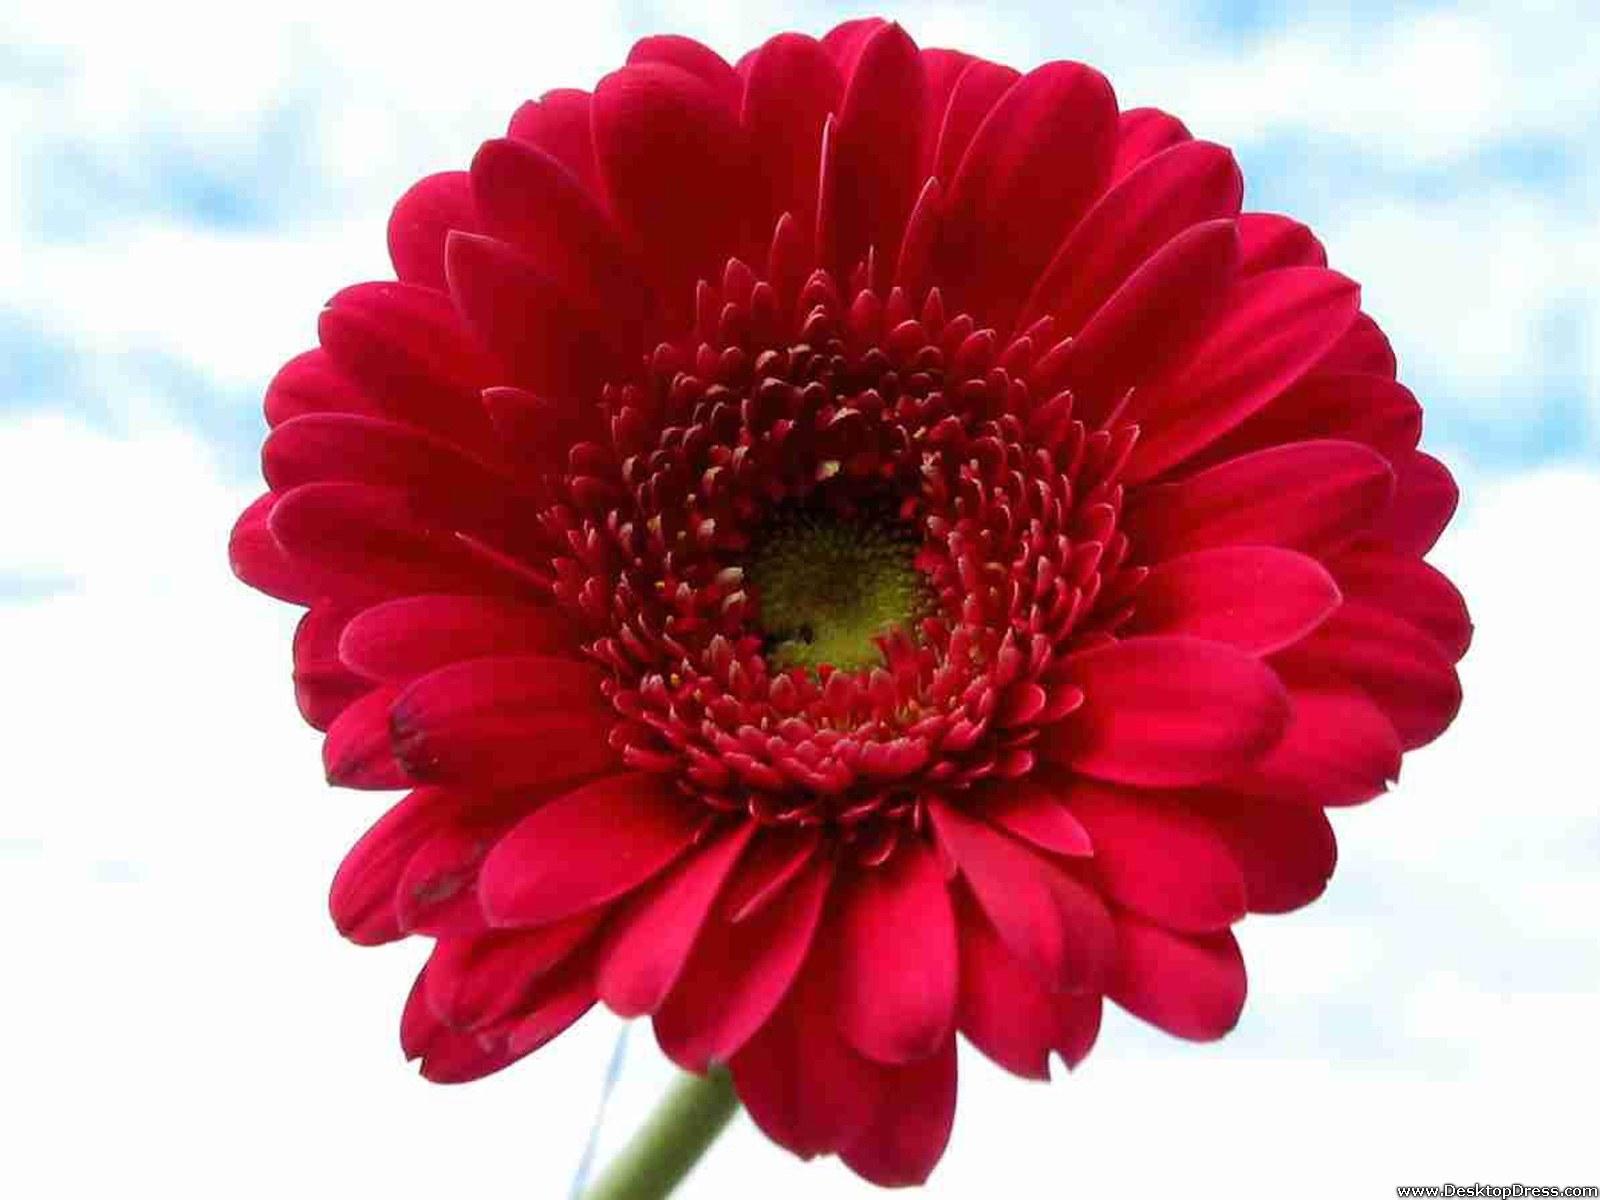 Desktop Wallpapers » Flowers Backgrounds » Red Gerbera Daisy » www ...